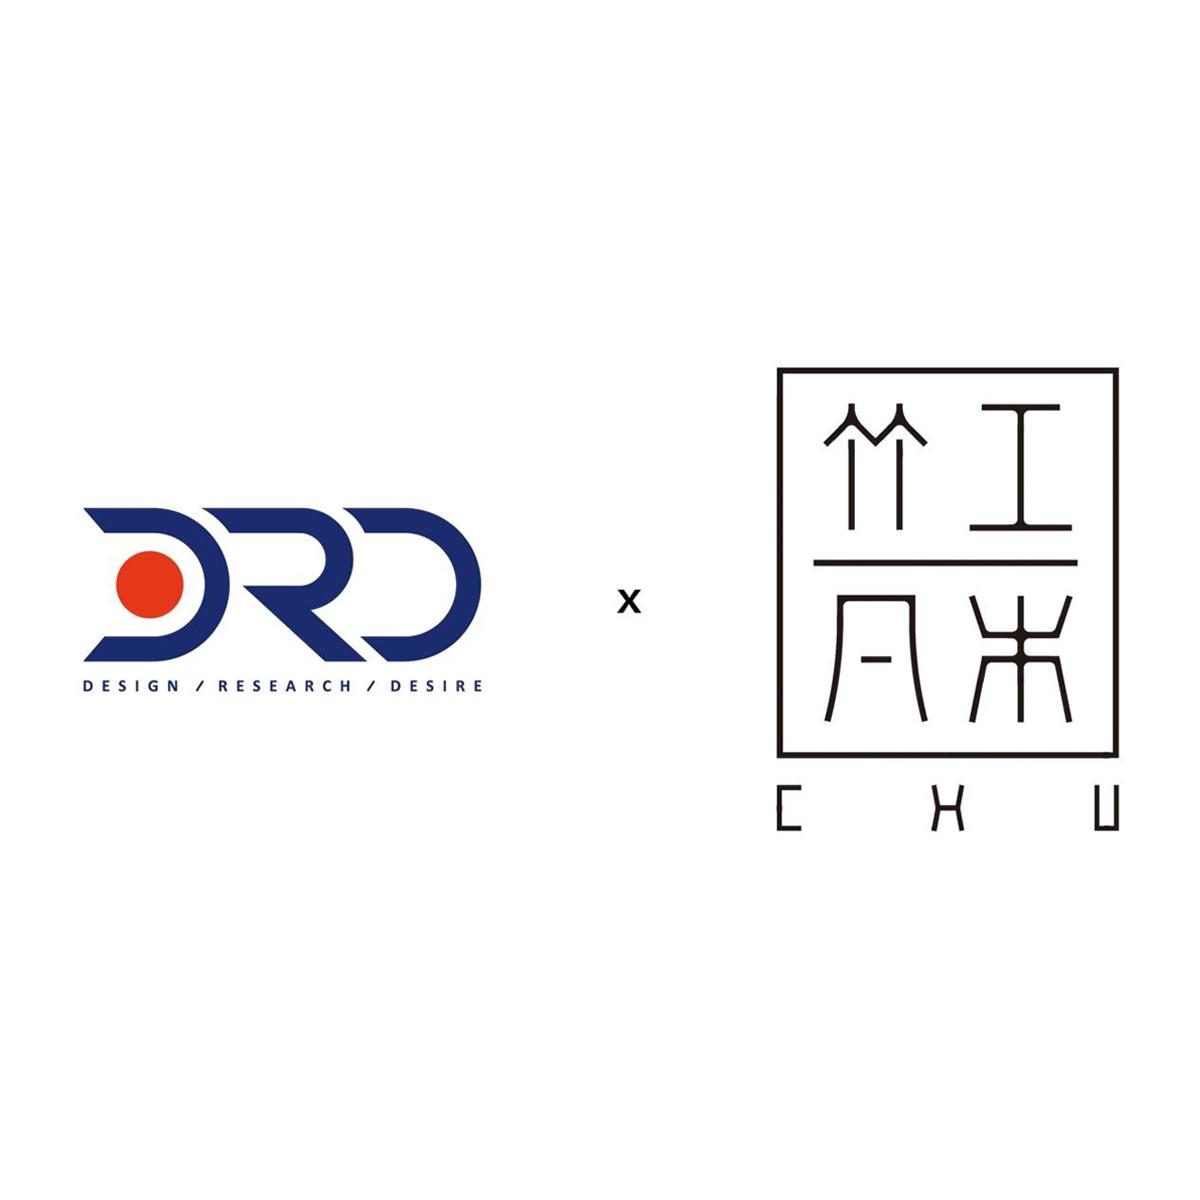 DRD设计研究院x竹工凡木设计研究室(CHU-Studio)